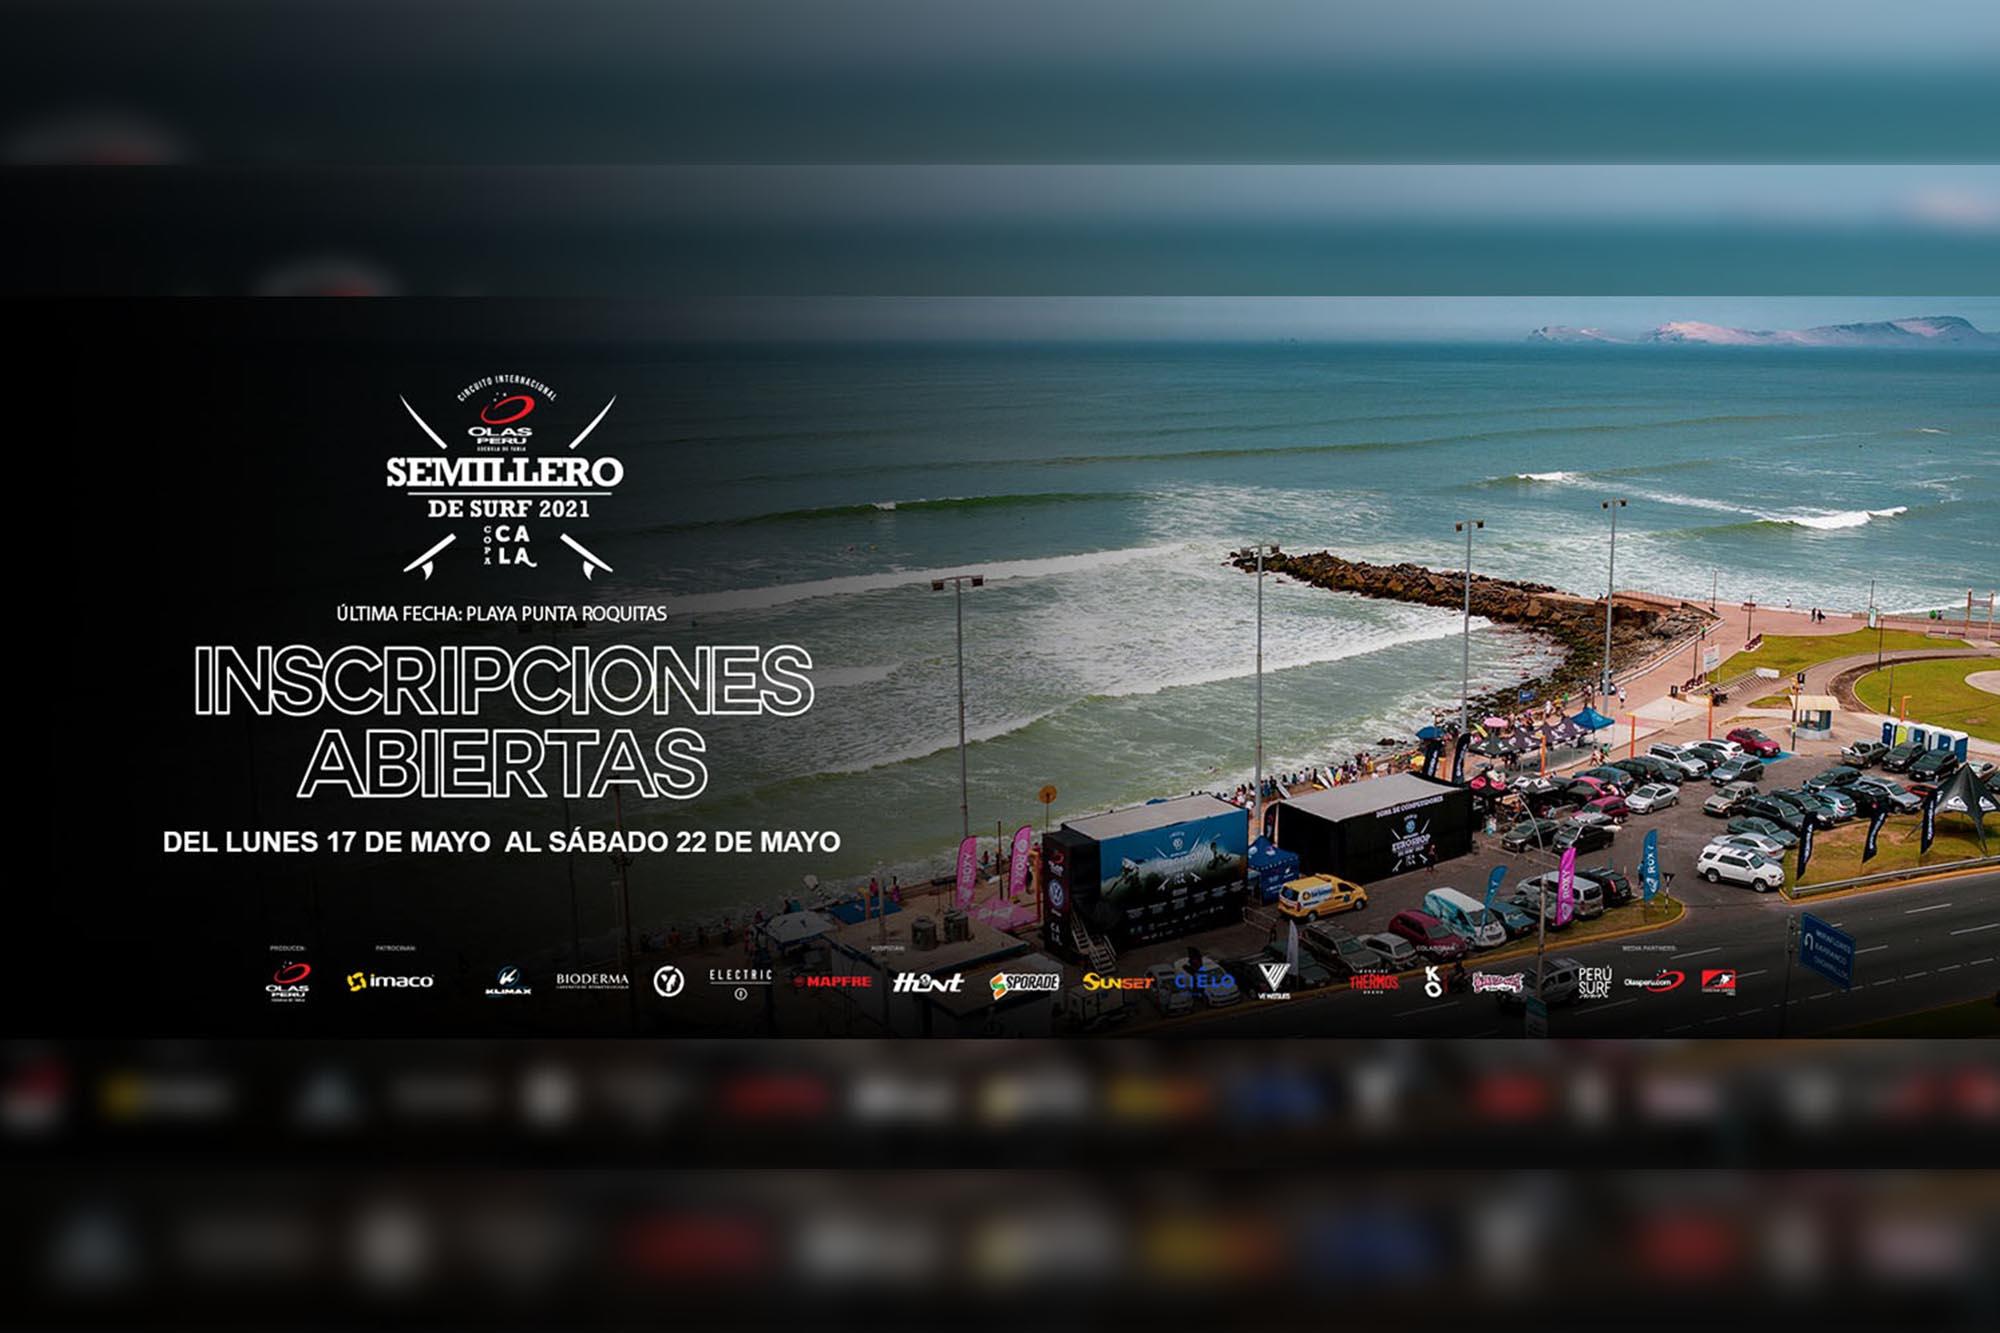 El Semillero de Surf Olas Perú 2021 está de vuelta